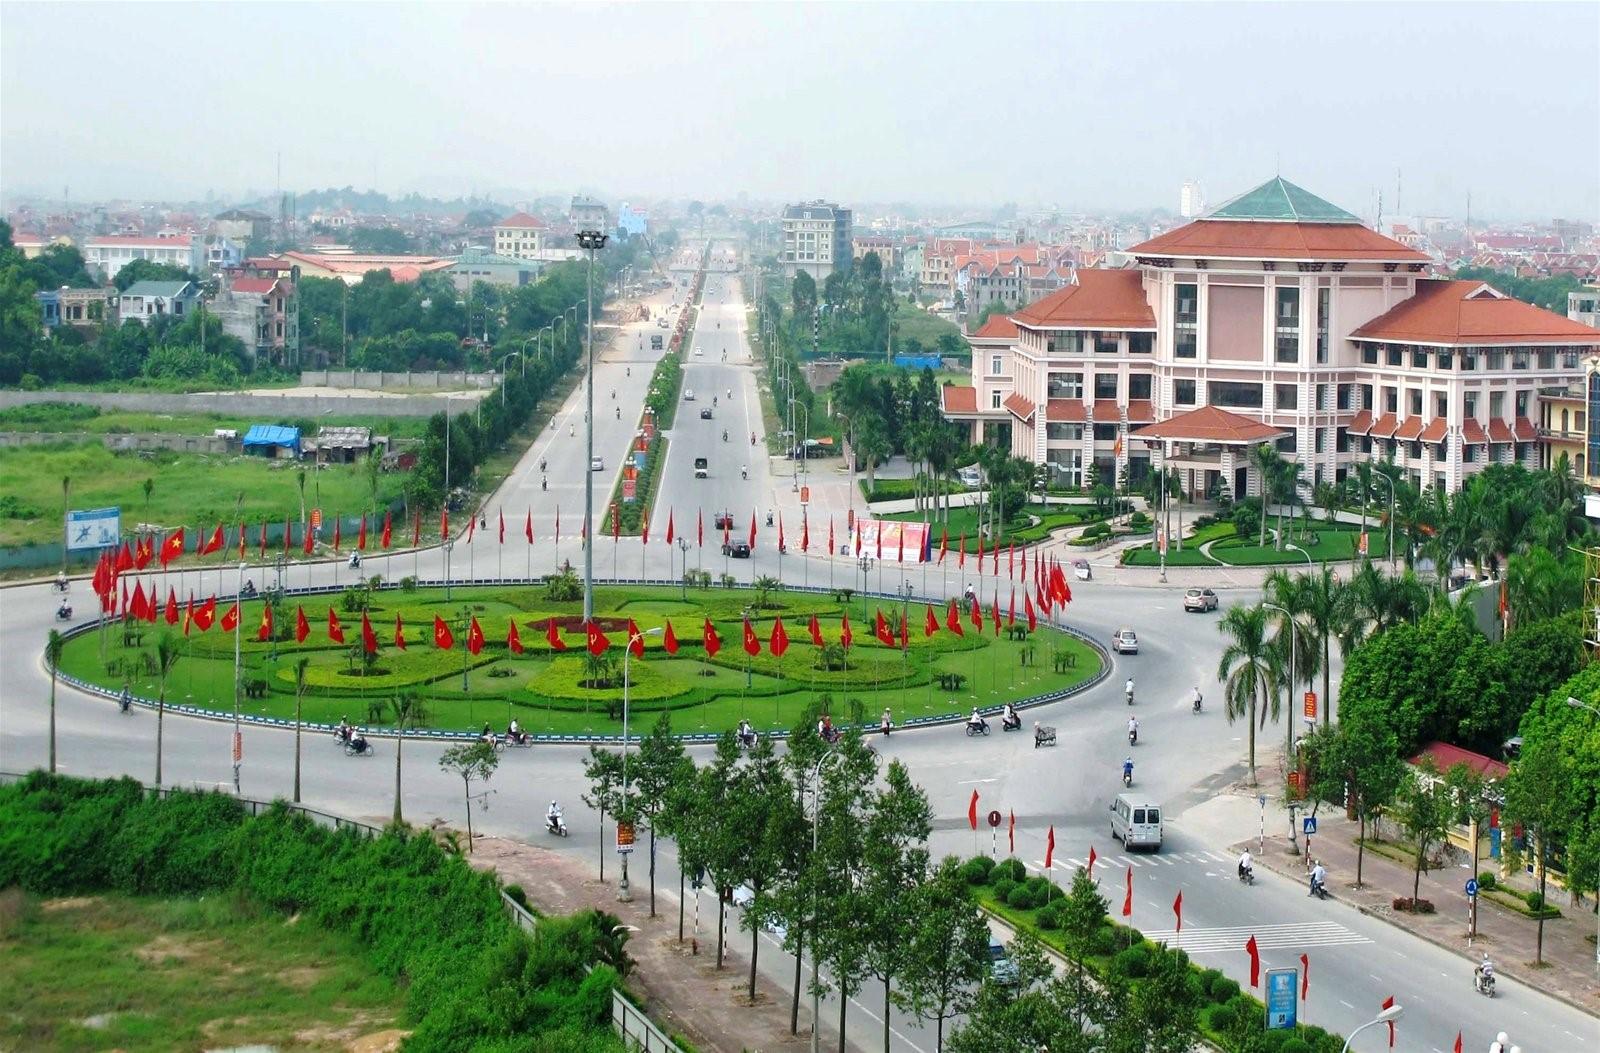 """Hé lộ dự án đất nền """"đắt giá"""" tại Đồng Kỵ – Bắc Ninh"""